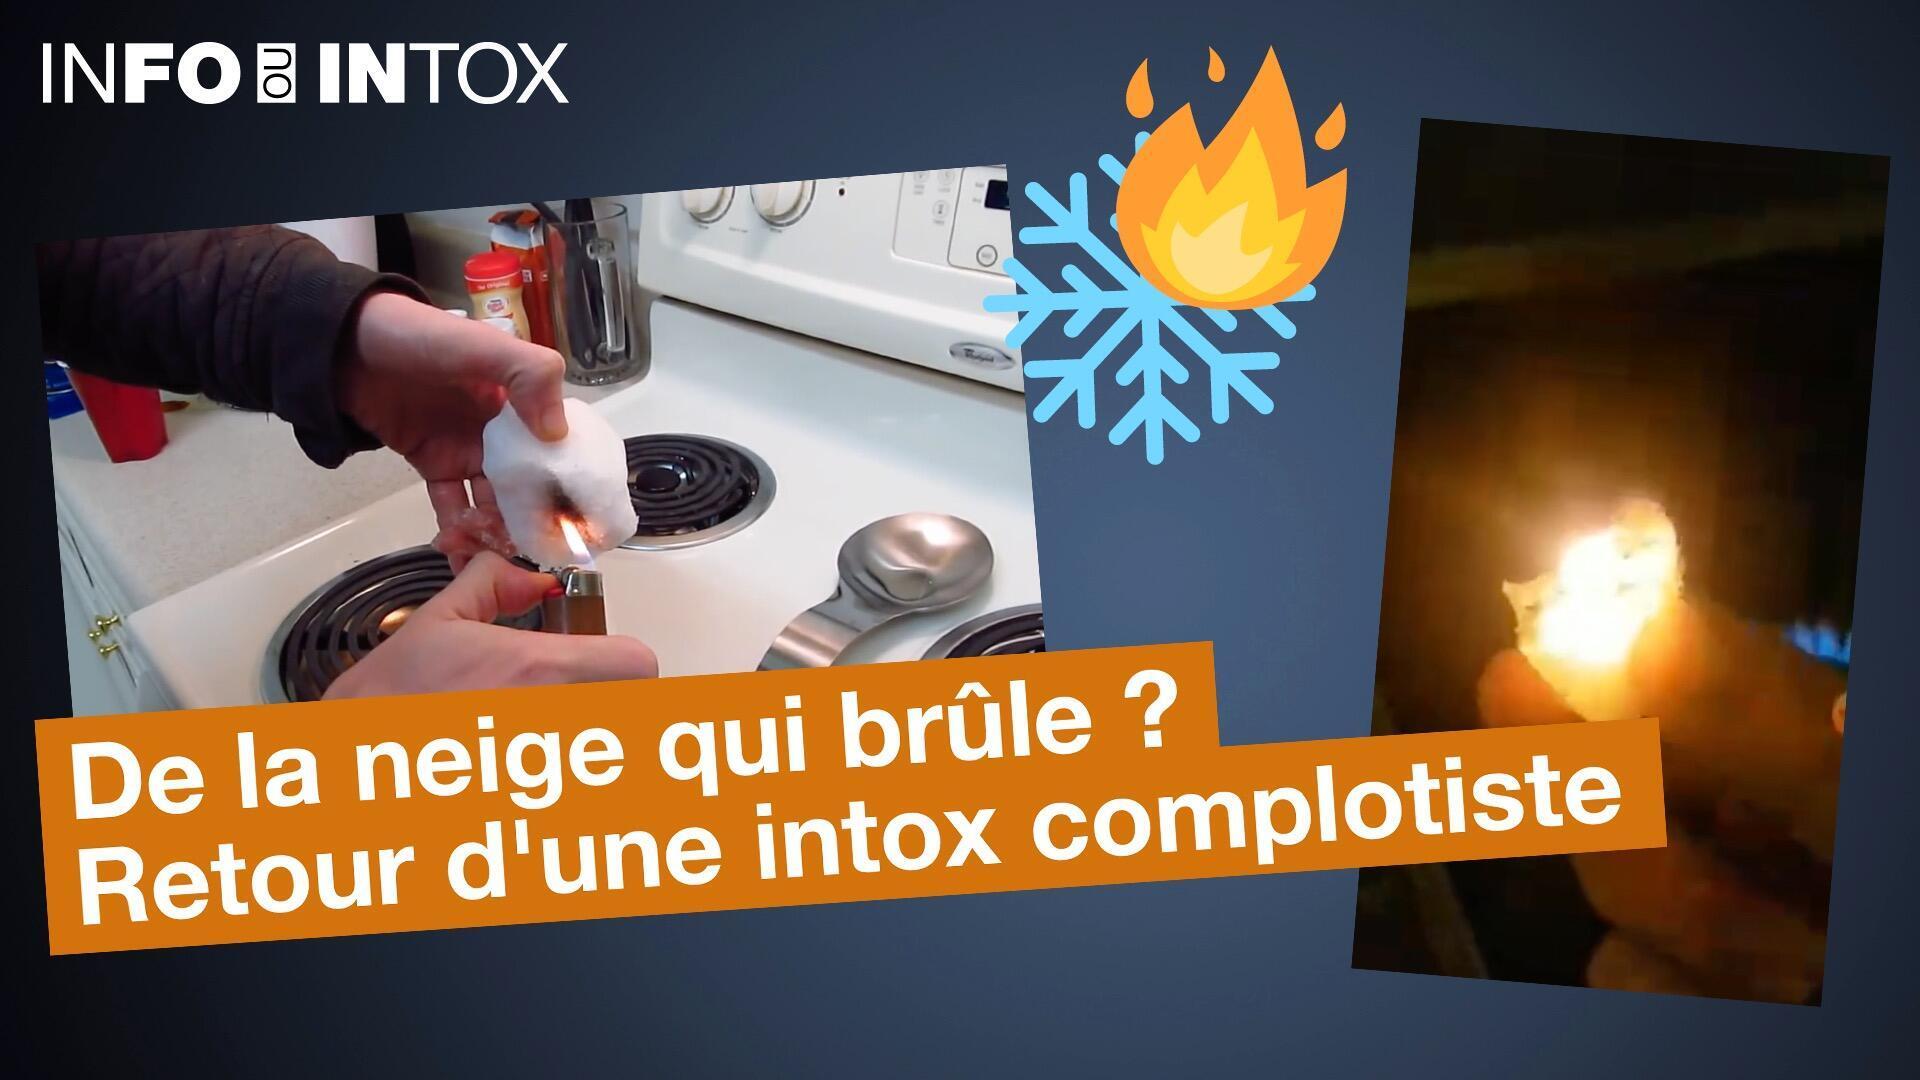 info-intox-neige-brule-1920x1080